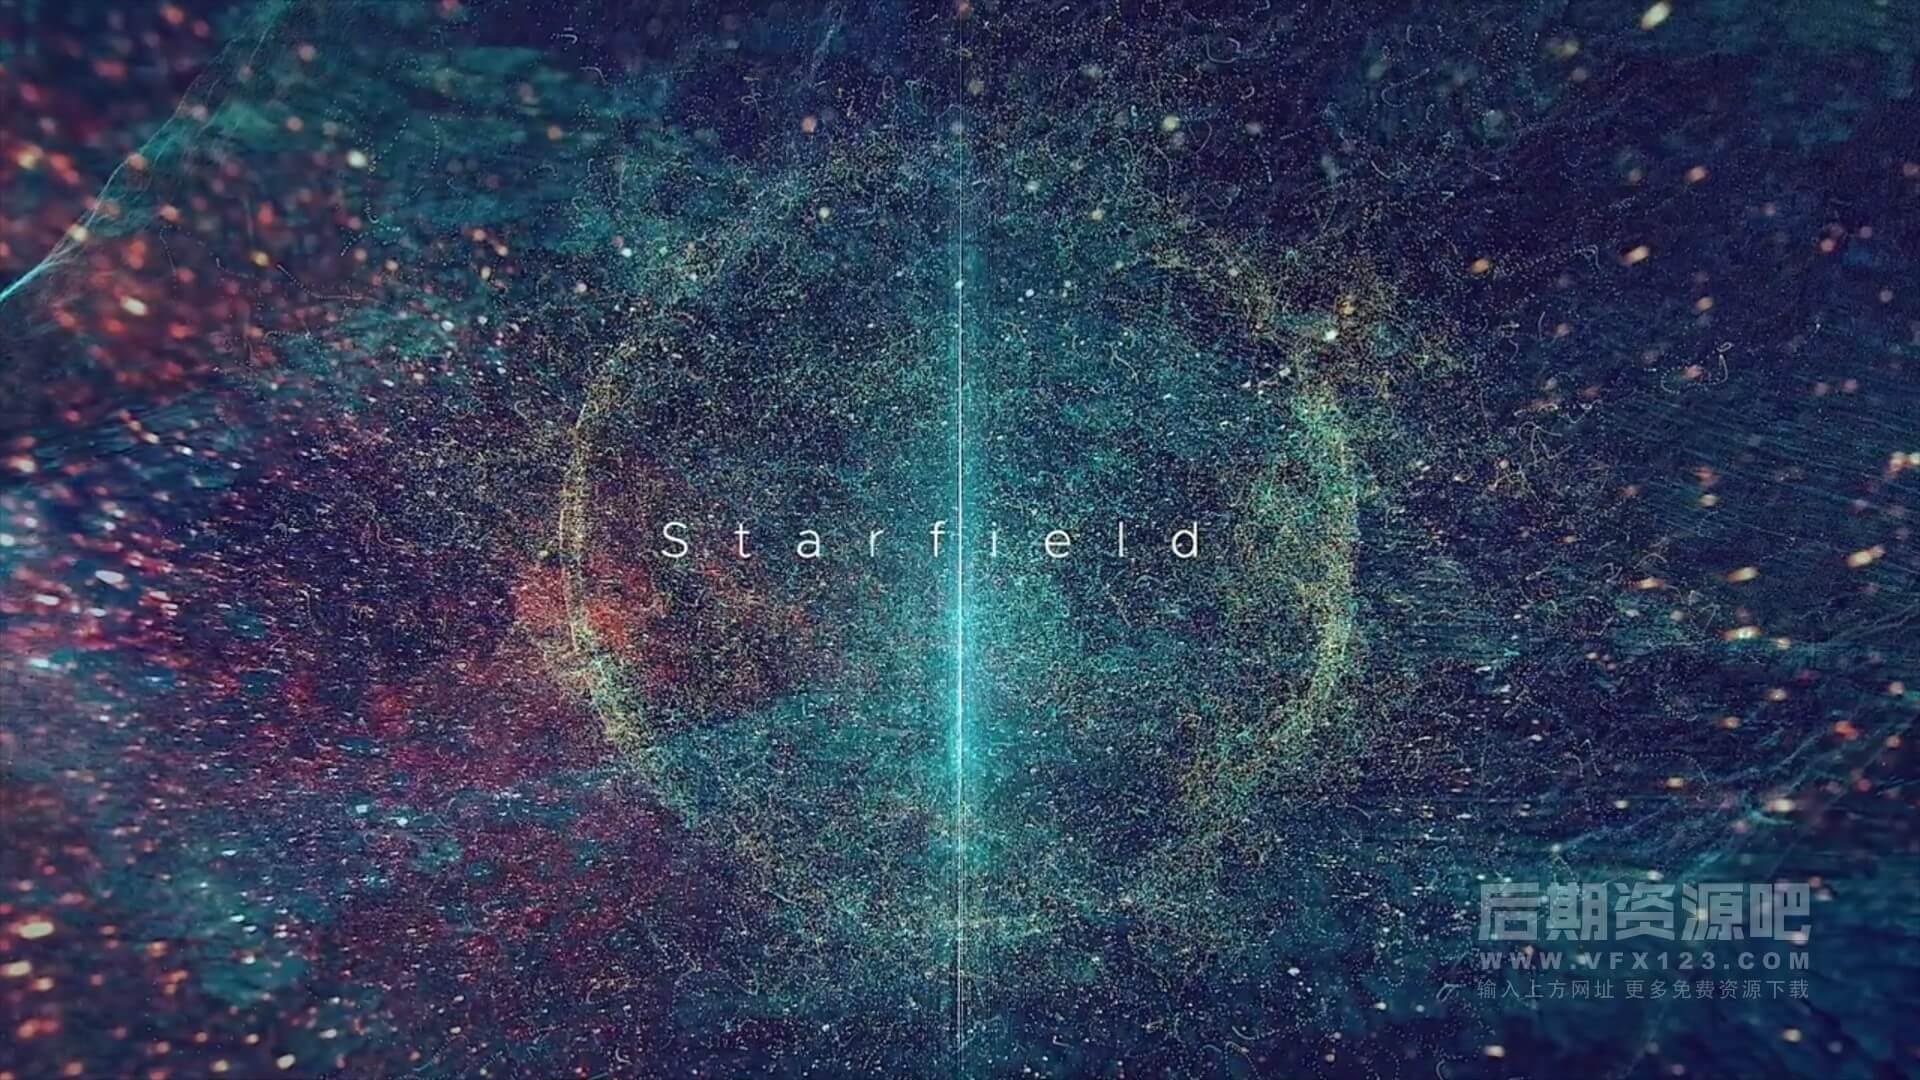 fcpx主题模板 大气深沉星空背景预告片片头 12分镜自由组合 Starfield